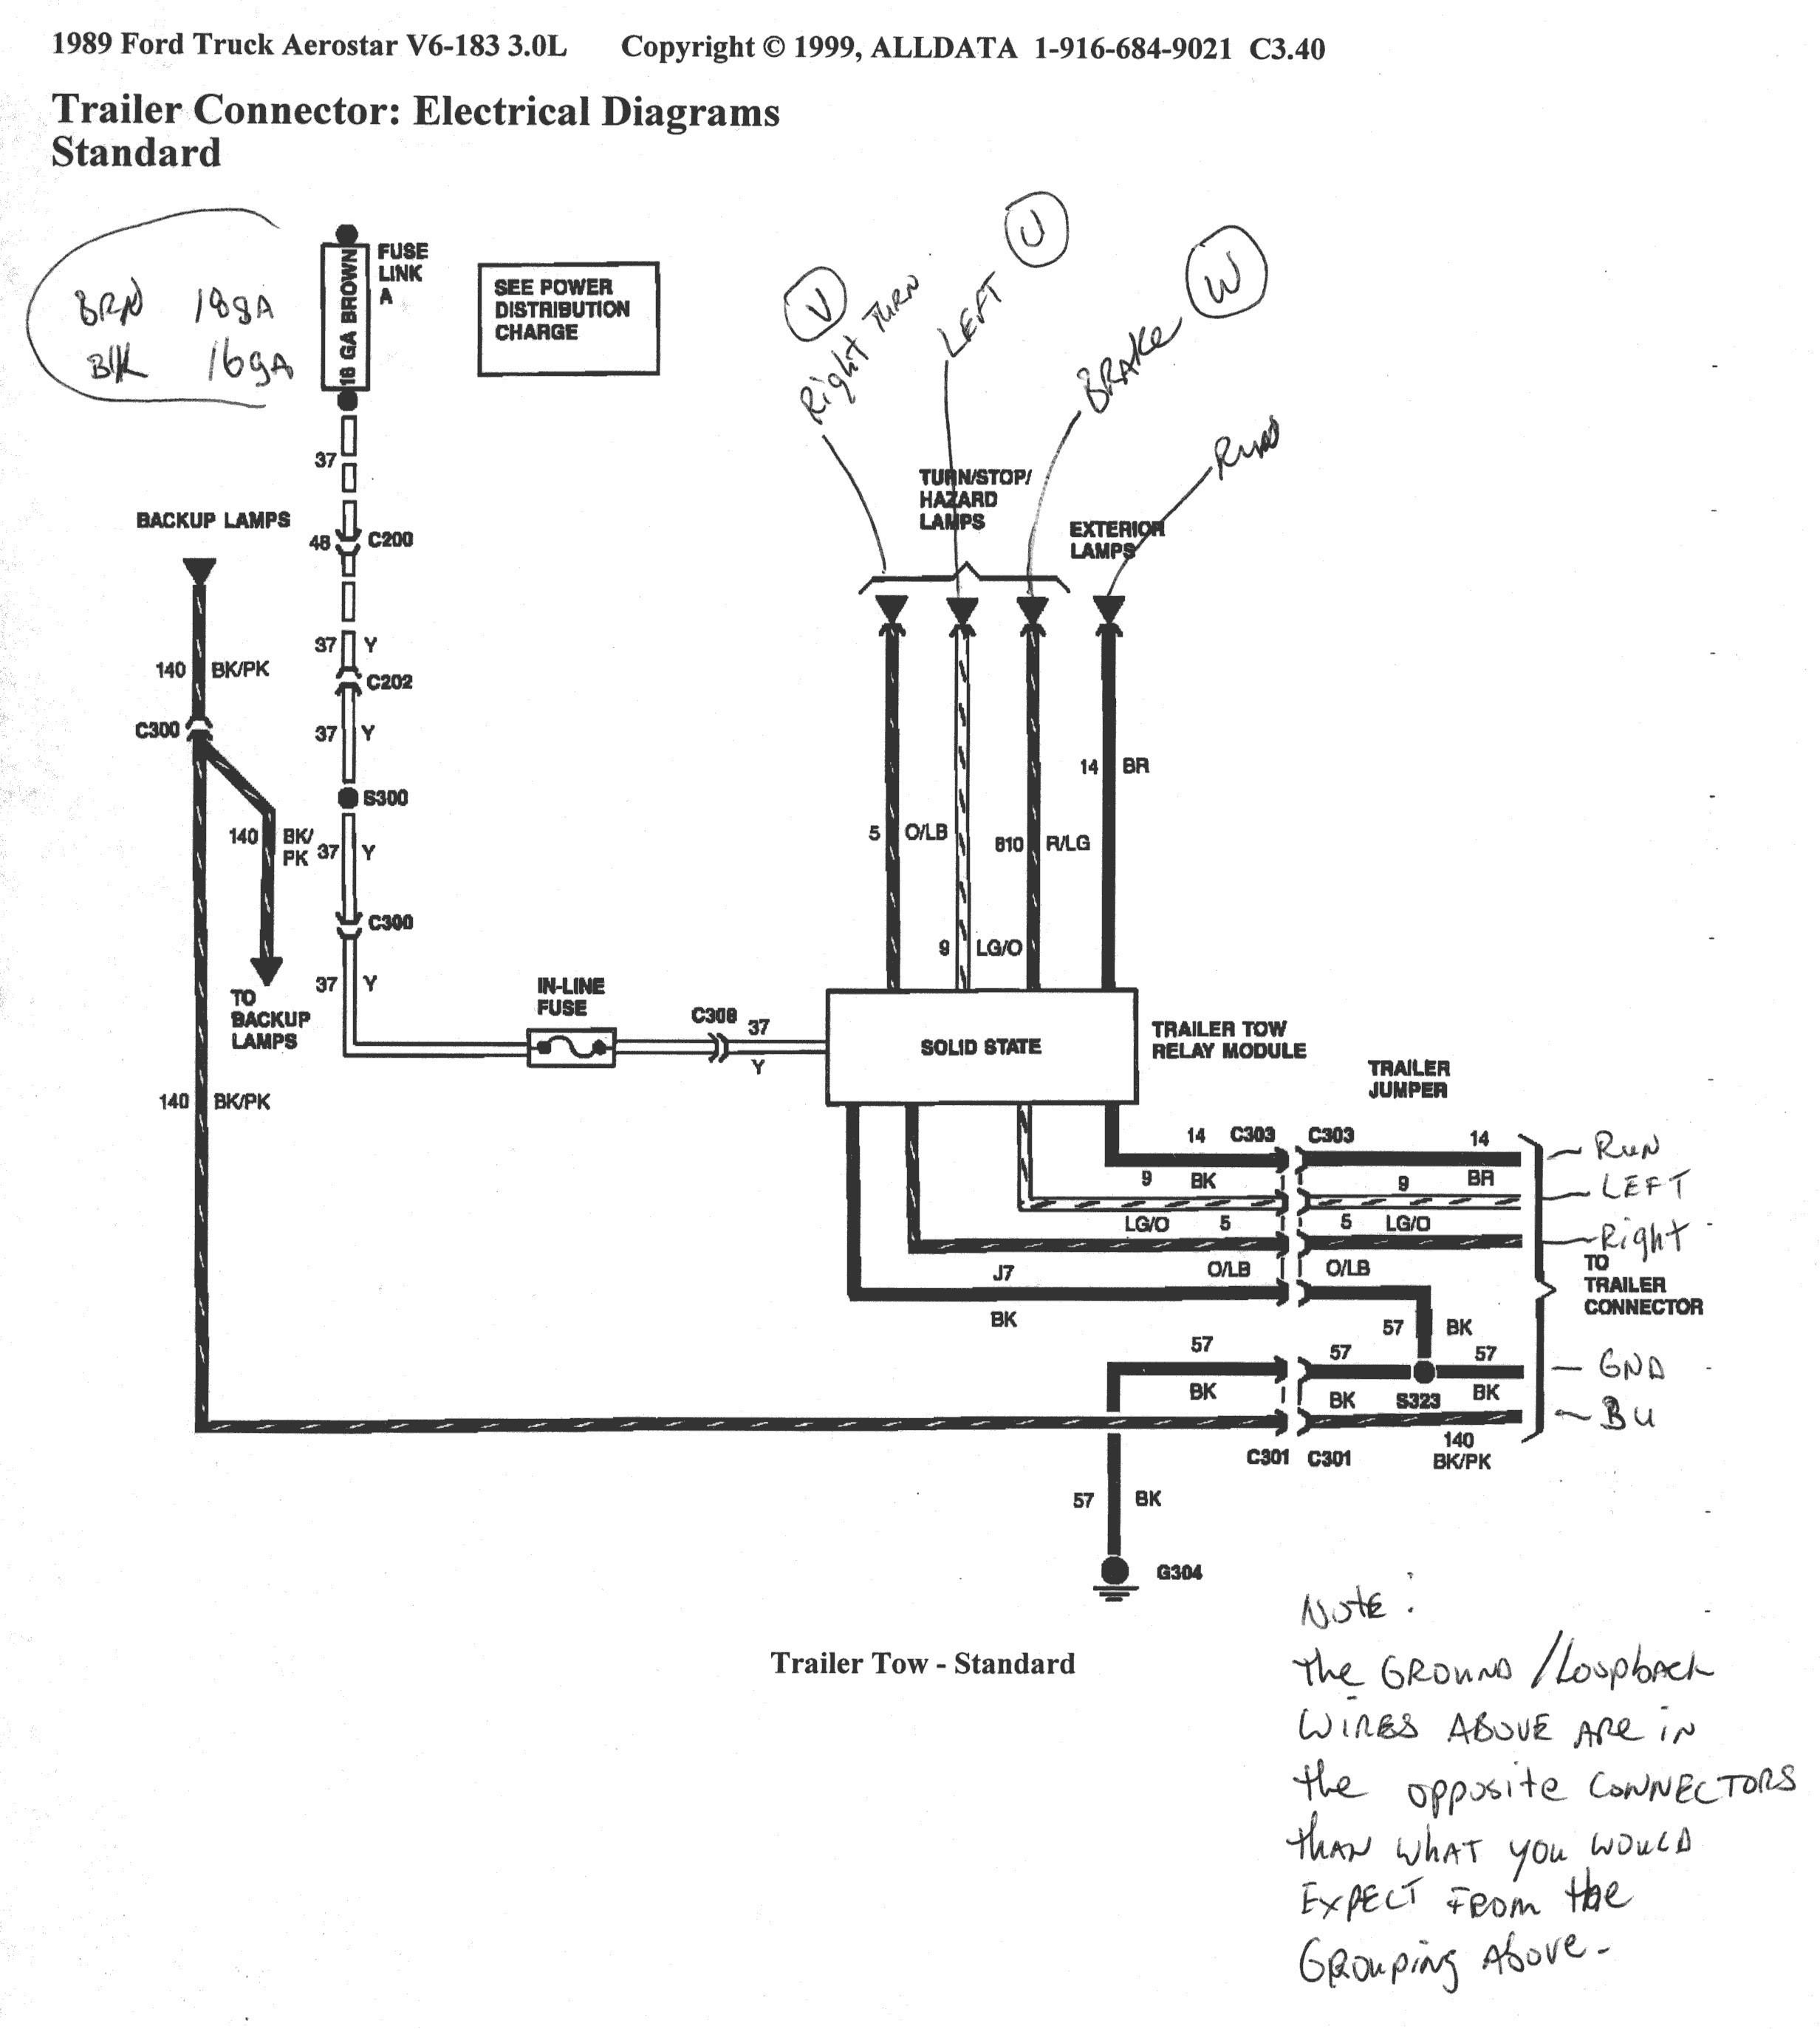 2011 Chevy Tail Light Wiring Diagram 7 Sjl Naturheilpraxis Rh Deistler Plaug De